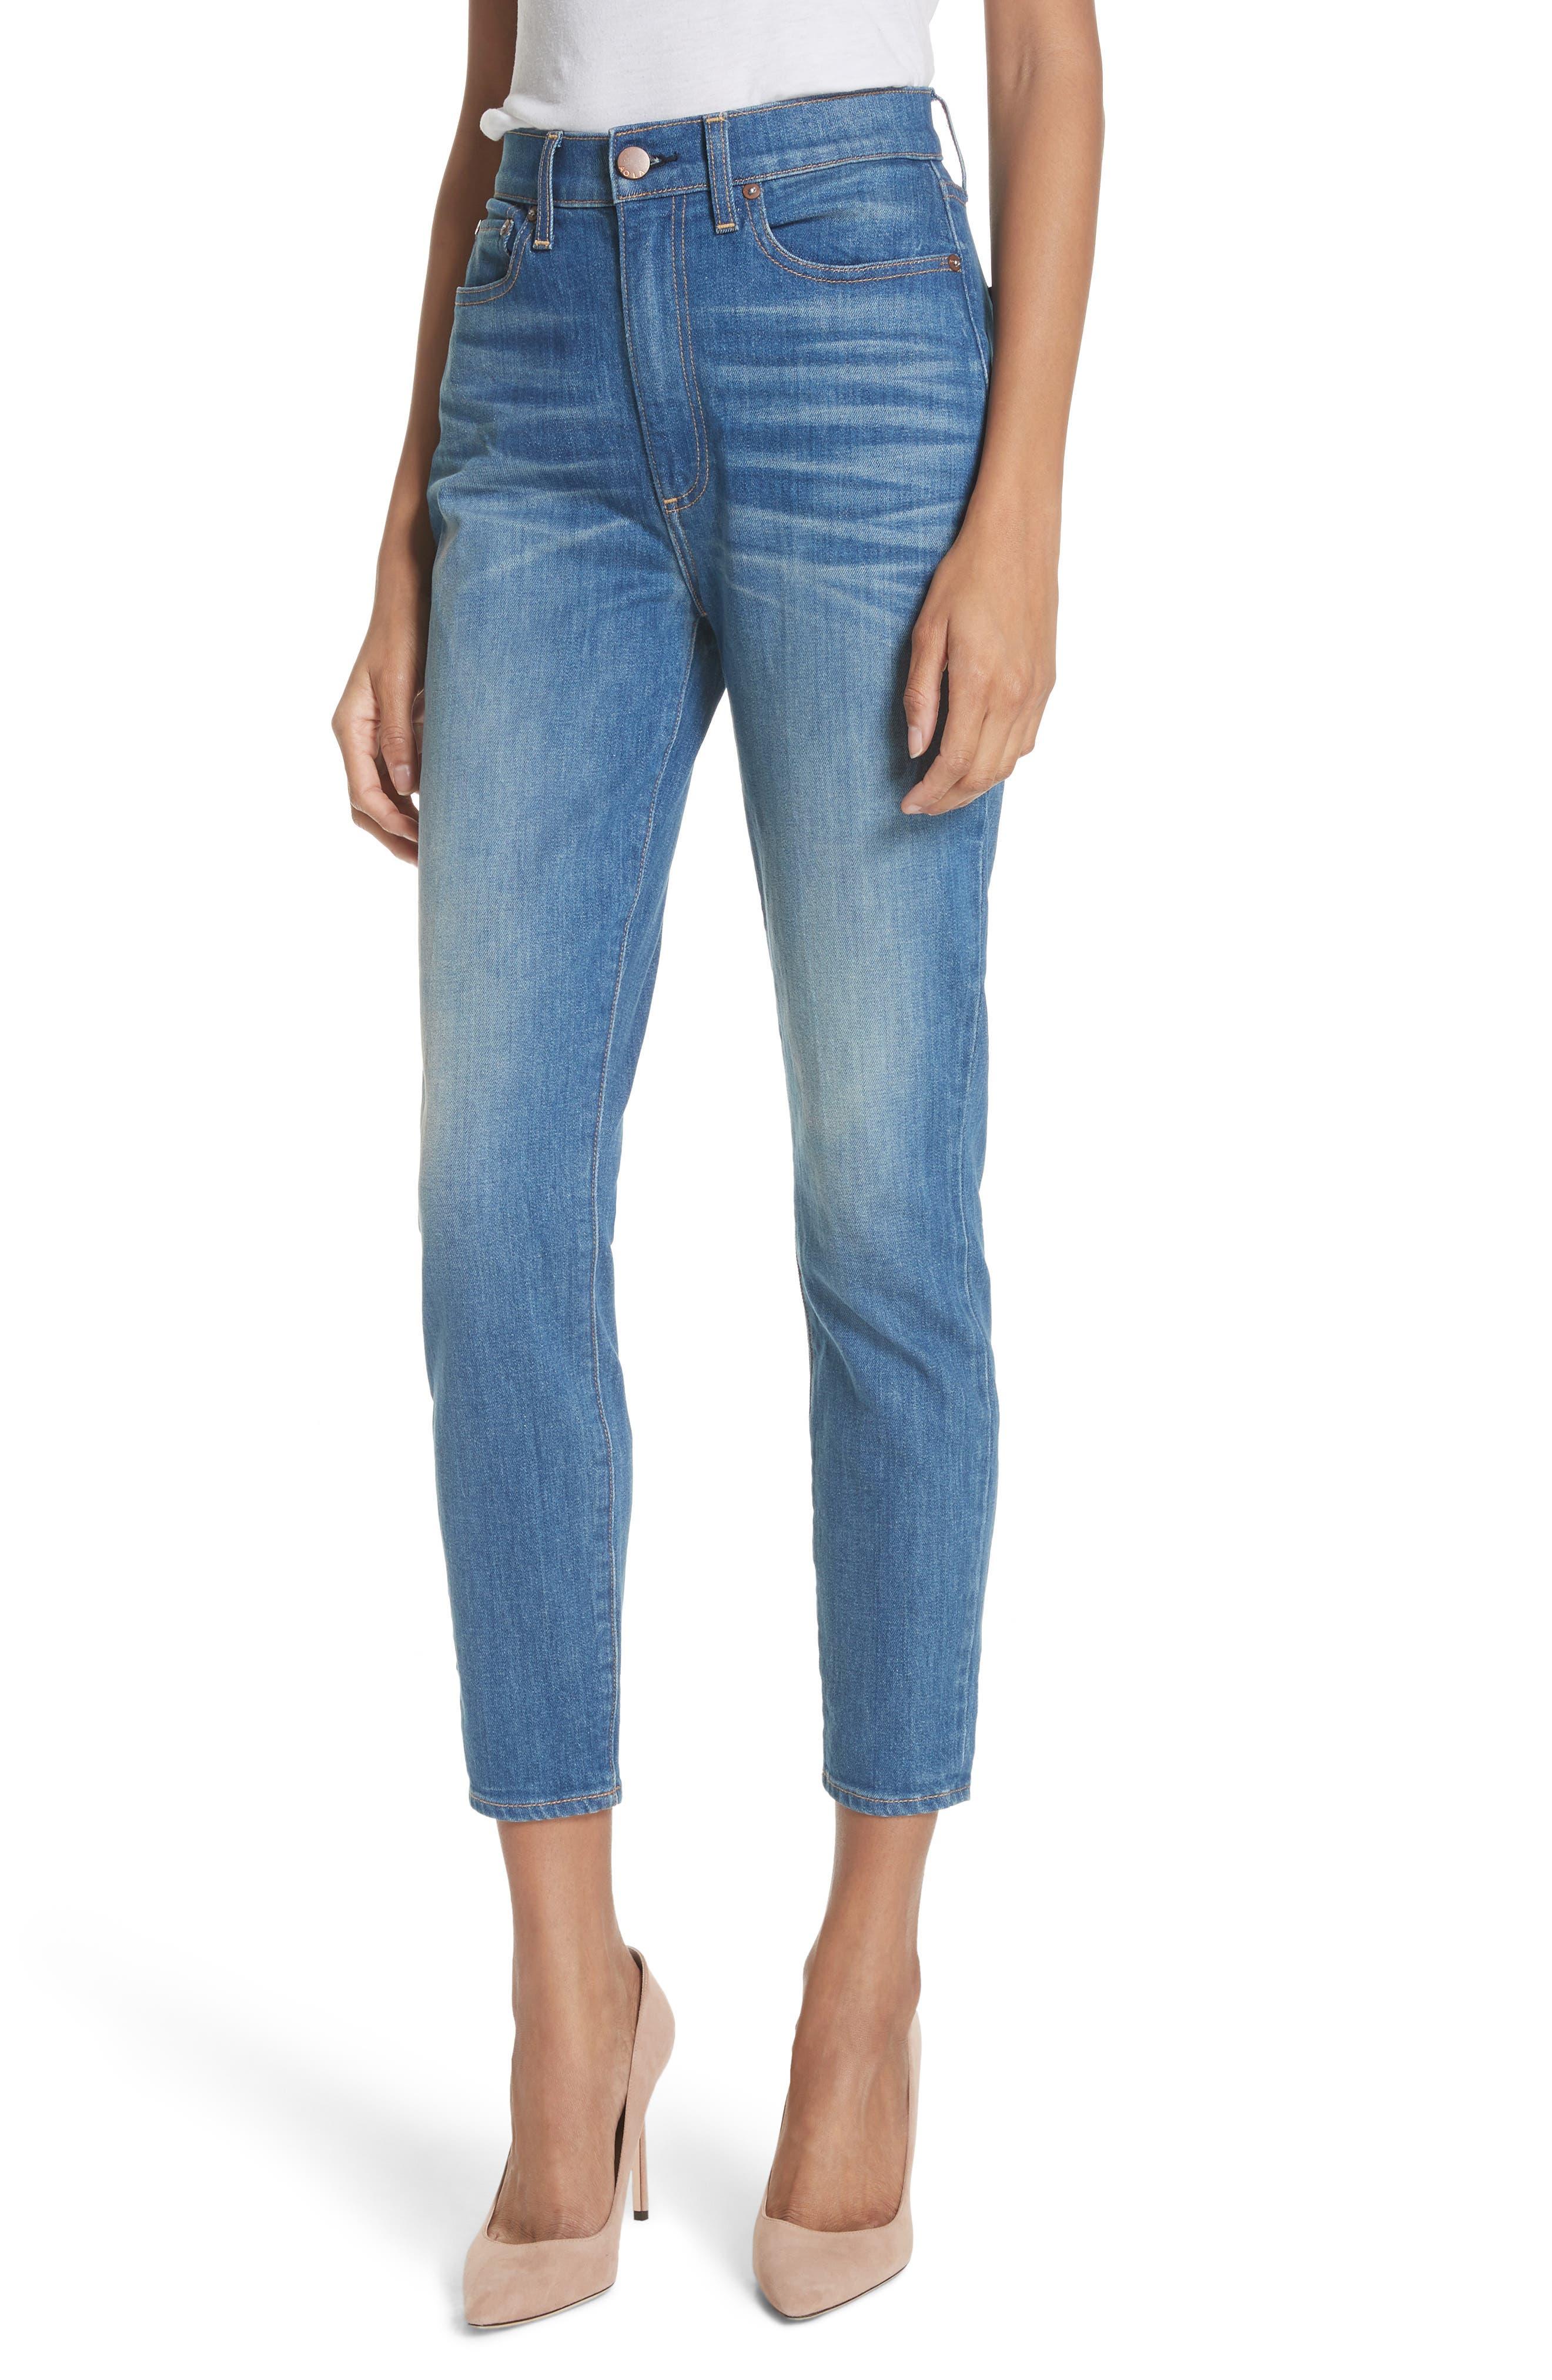 AO.LA Good High Waist Ankle Skinny Jeans,                         Main,                         color, Side Hustle